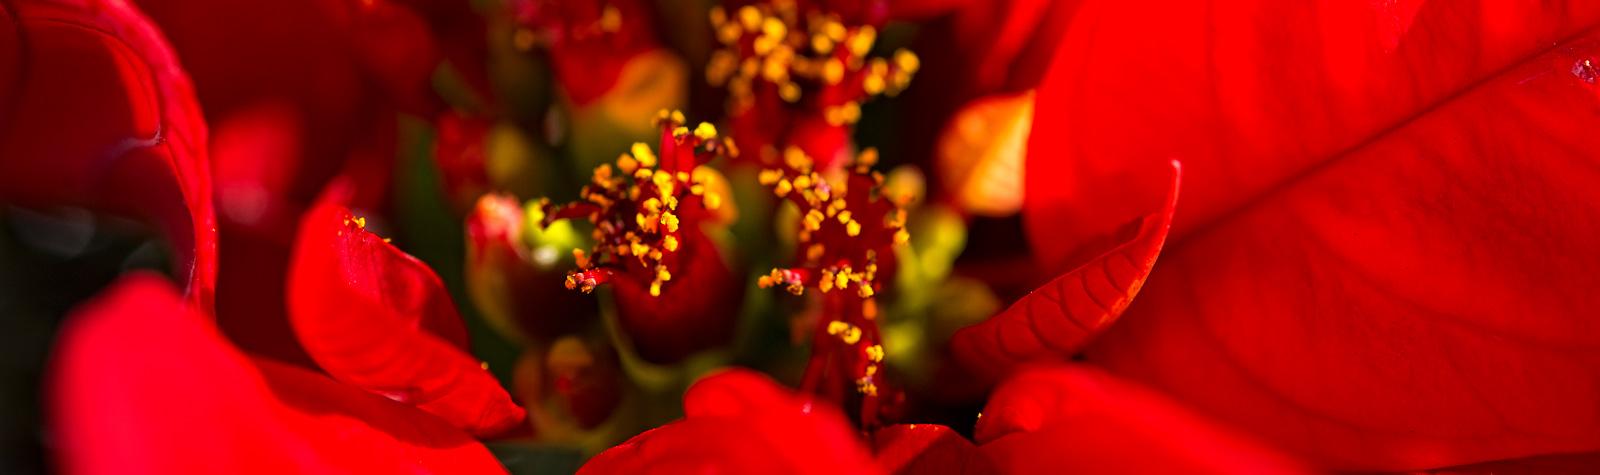 Flor de Pascua: la estrella de los centros de mesa navideños